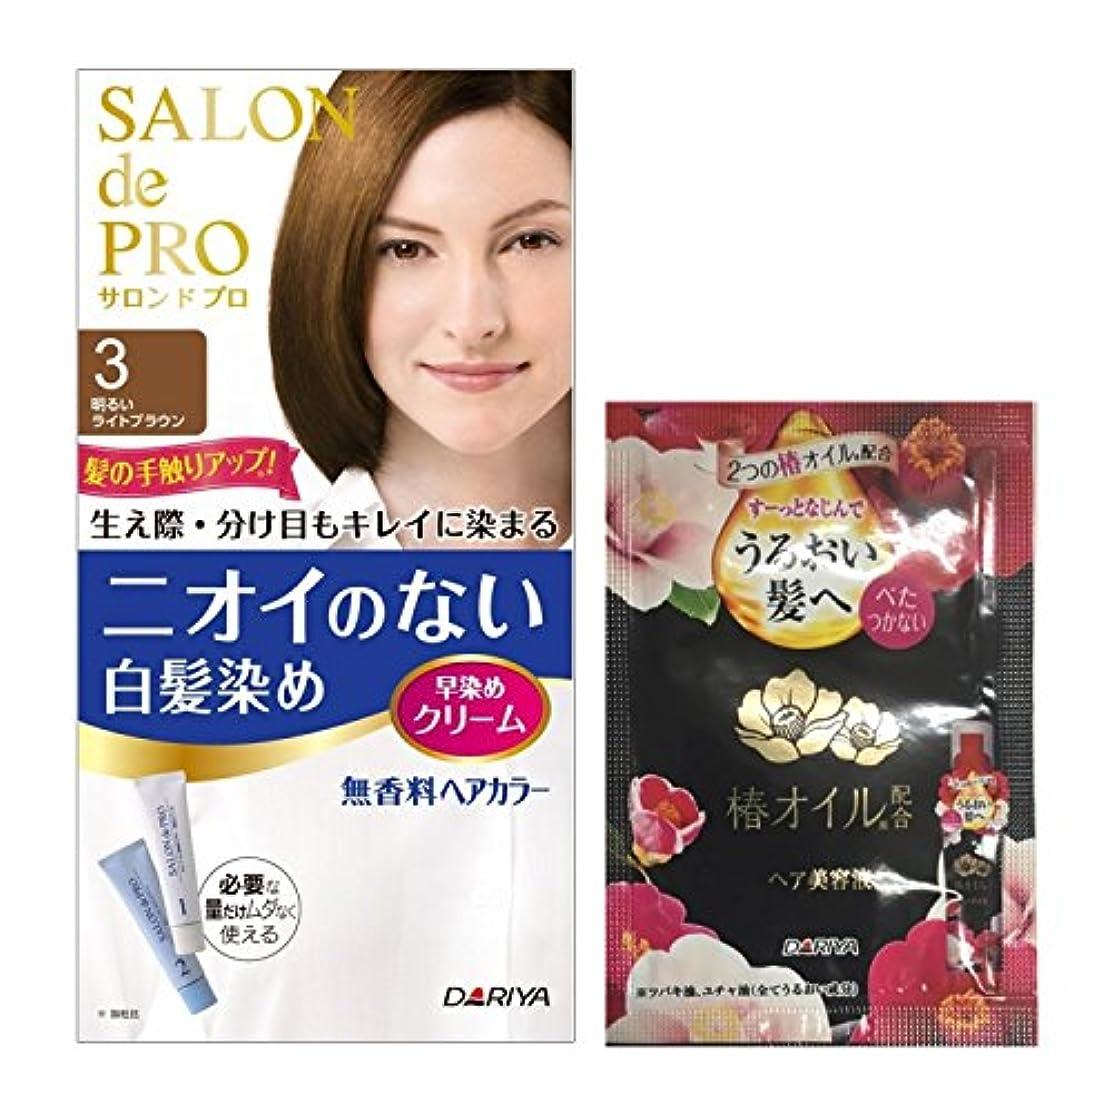 【サンプル付き】サロンドプロ無香料ヘアカラー早染めクリーム3 椿オイル美容液景品付